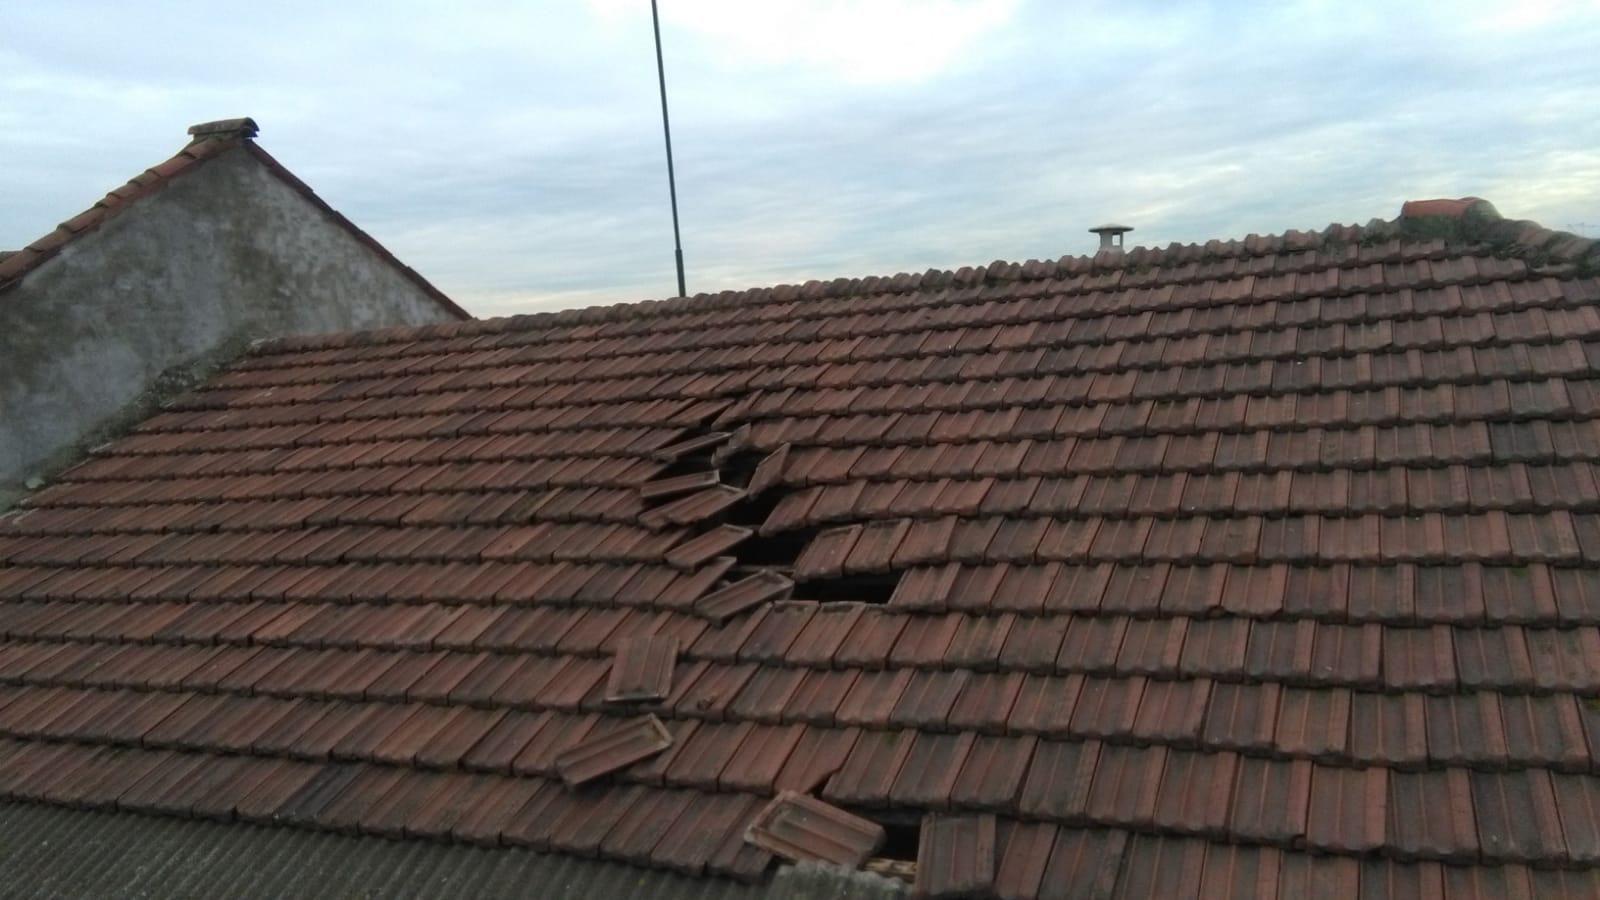 CASELLE - Aereo in fase di atterraggio fa volare le tegole dei tetti - FOTO